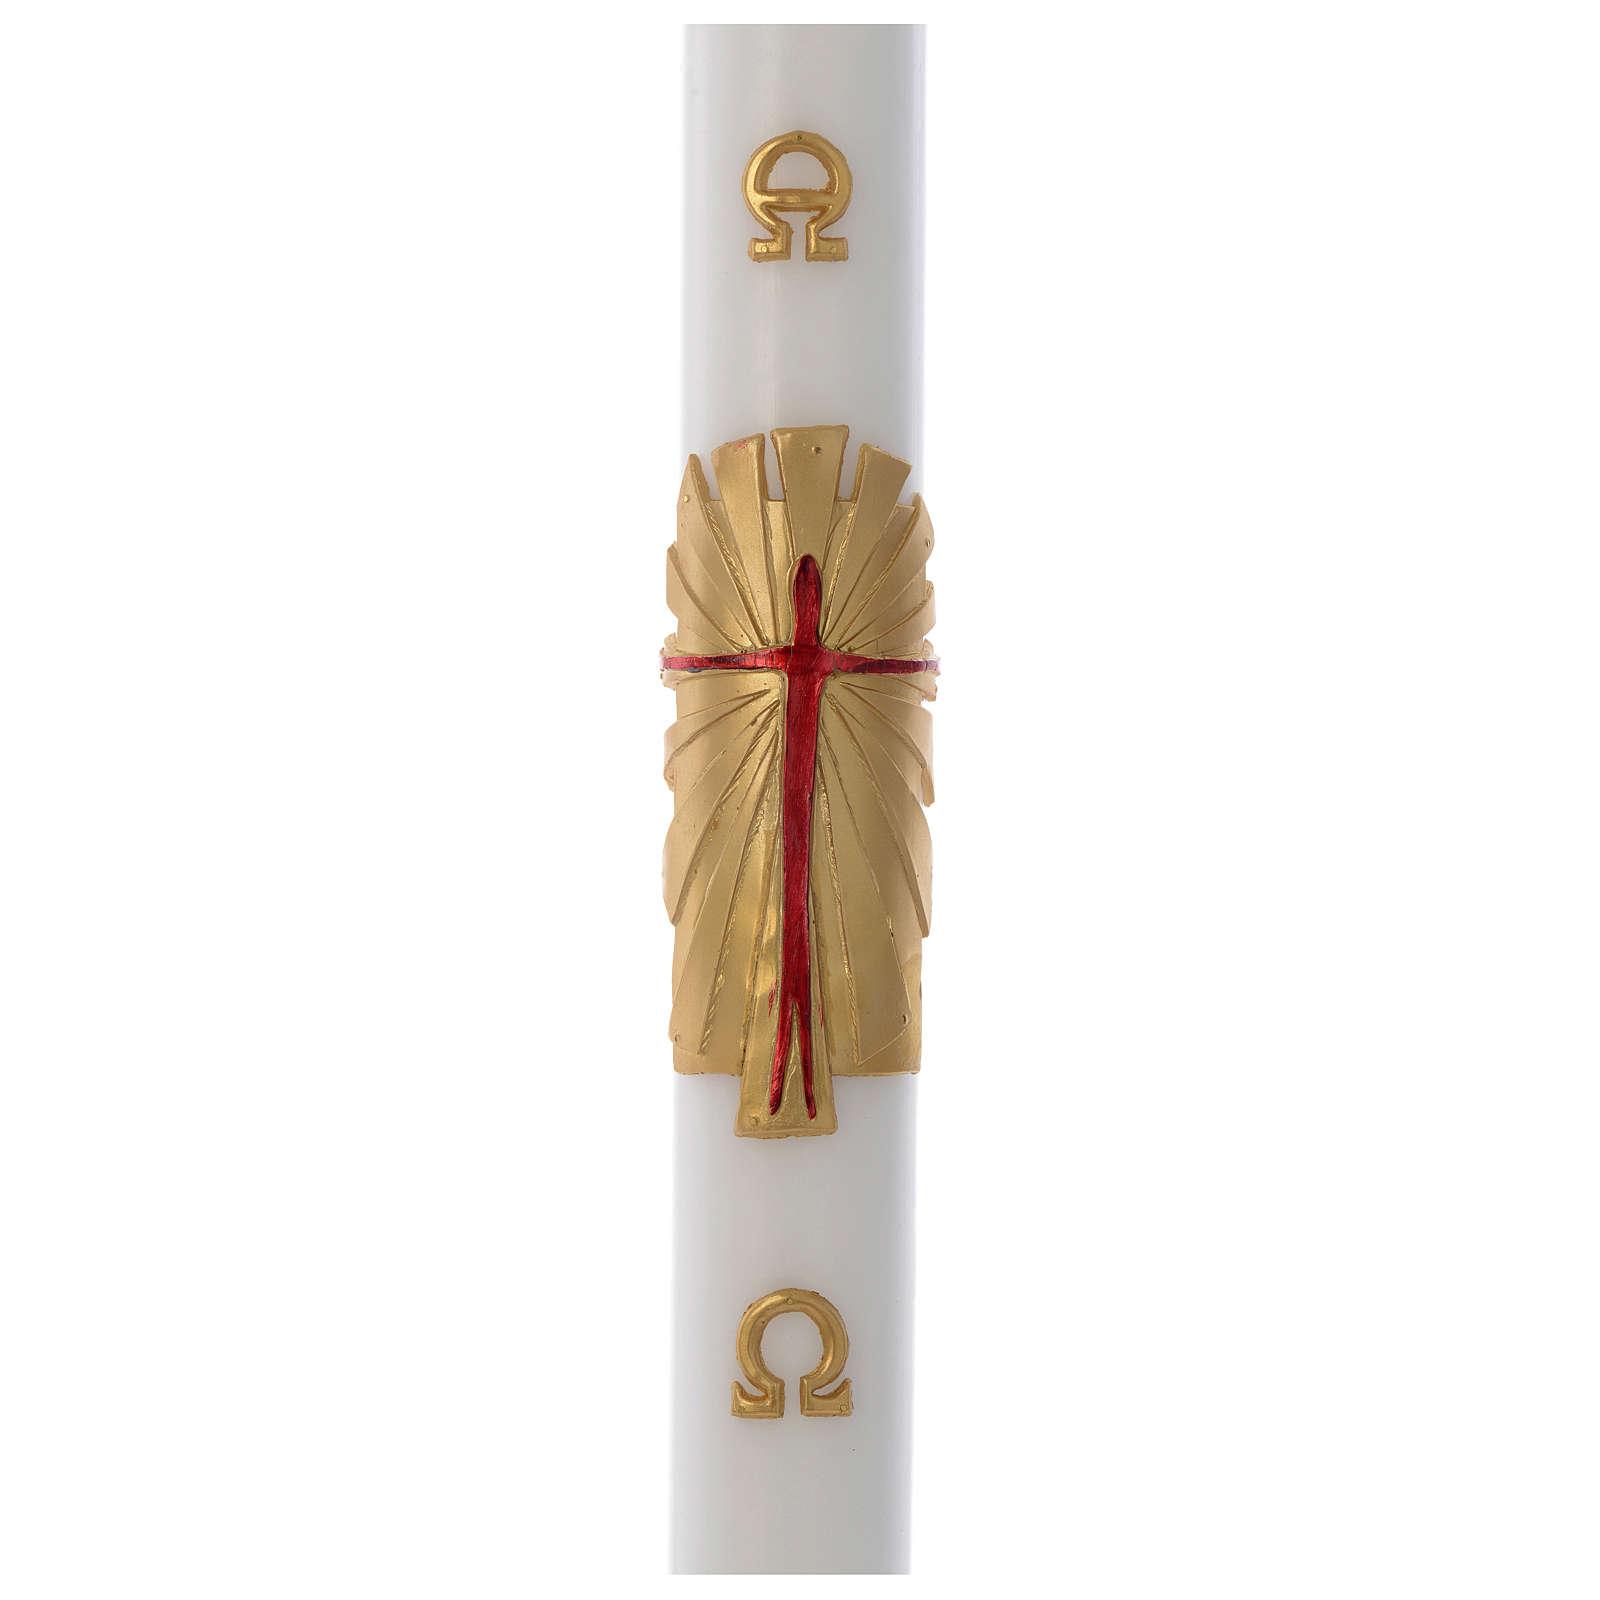 Cero pasquale cera bianca RINFORZO Risorto fondo oro 8x120 cm 3